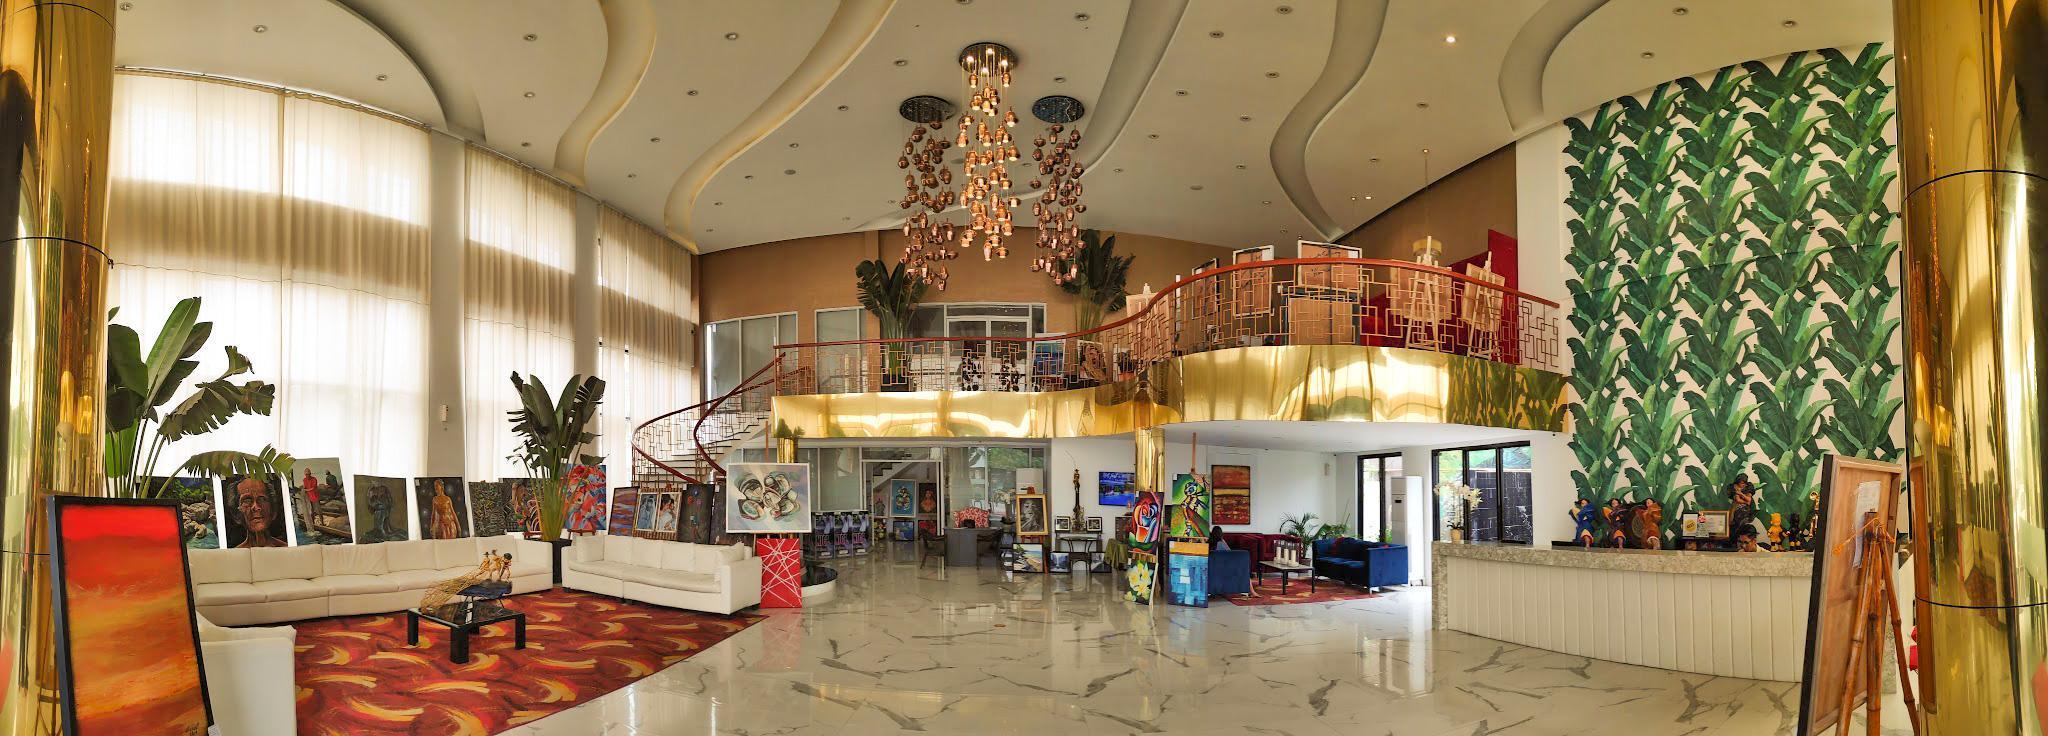 The Hotel Sophia